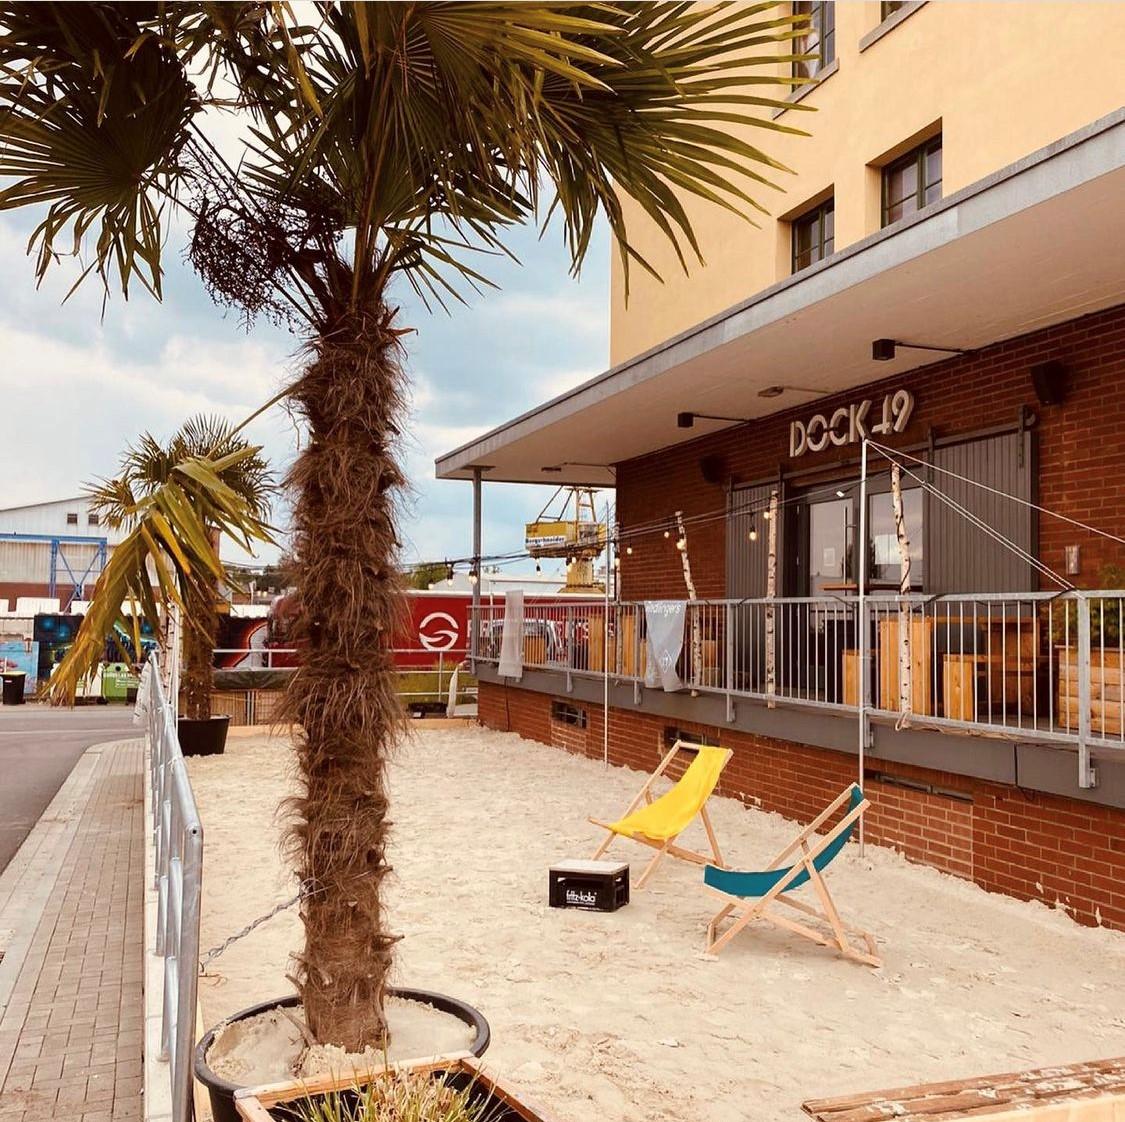 Strandbar vor dem Dock49: Auf der mit Sand aufgeschütteten Terasse stehen zwei bunte Beach Chairs, eine Palme und ein Kasten Bier. Im Hintergrund sieht man die Hafenkräne